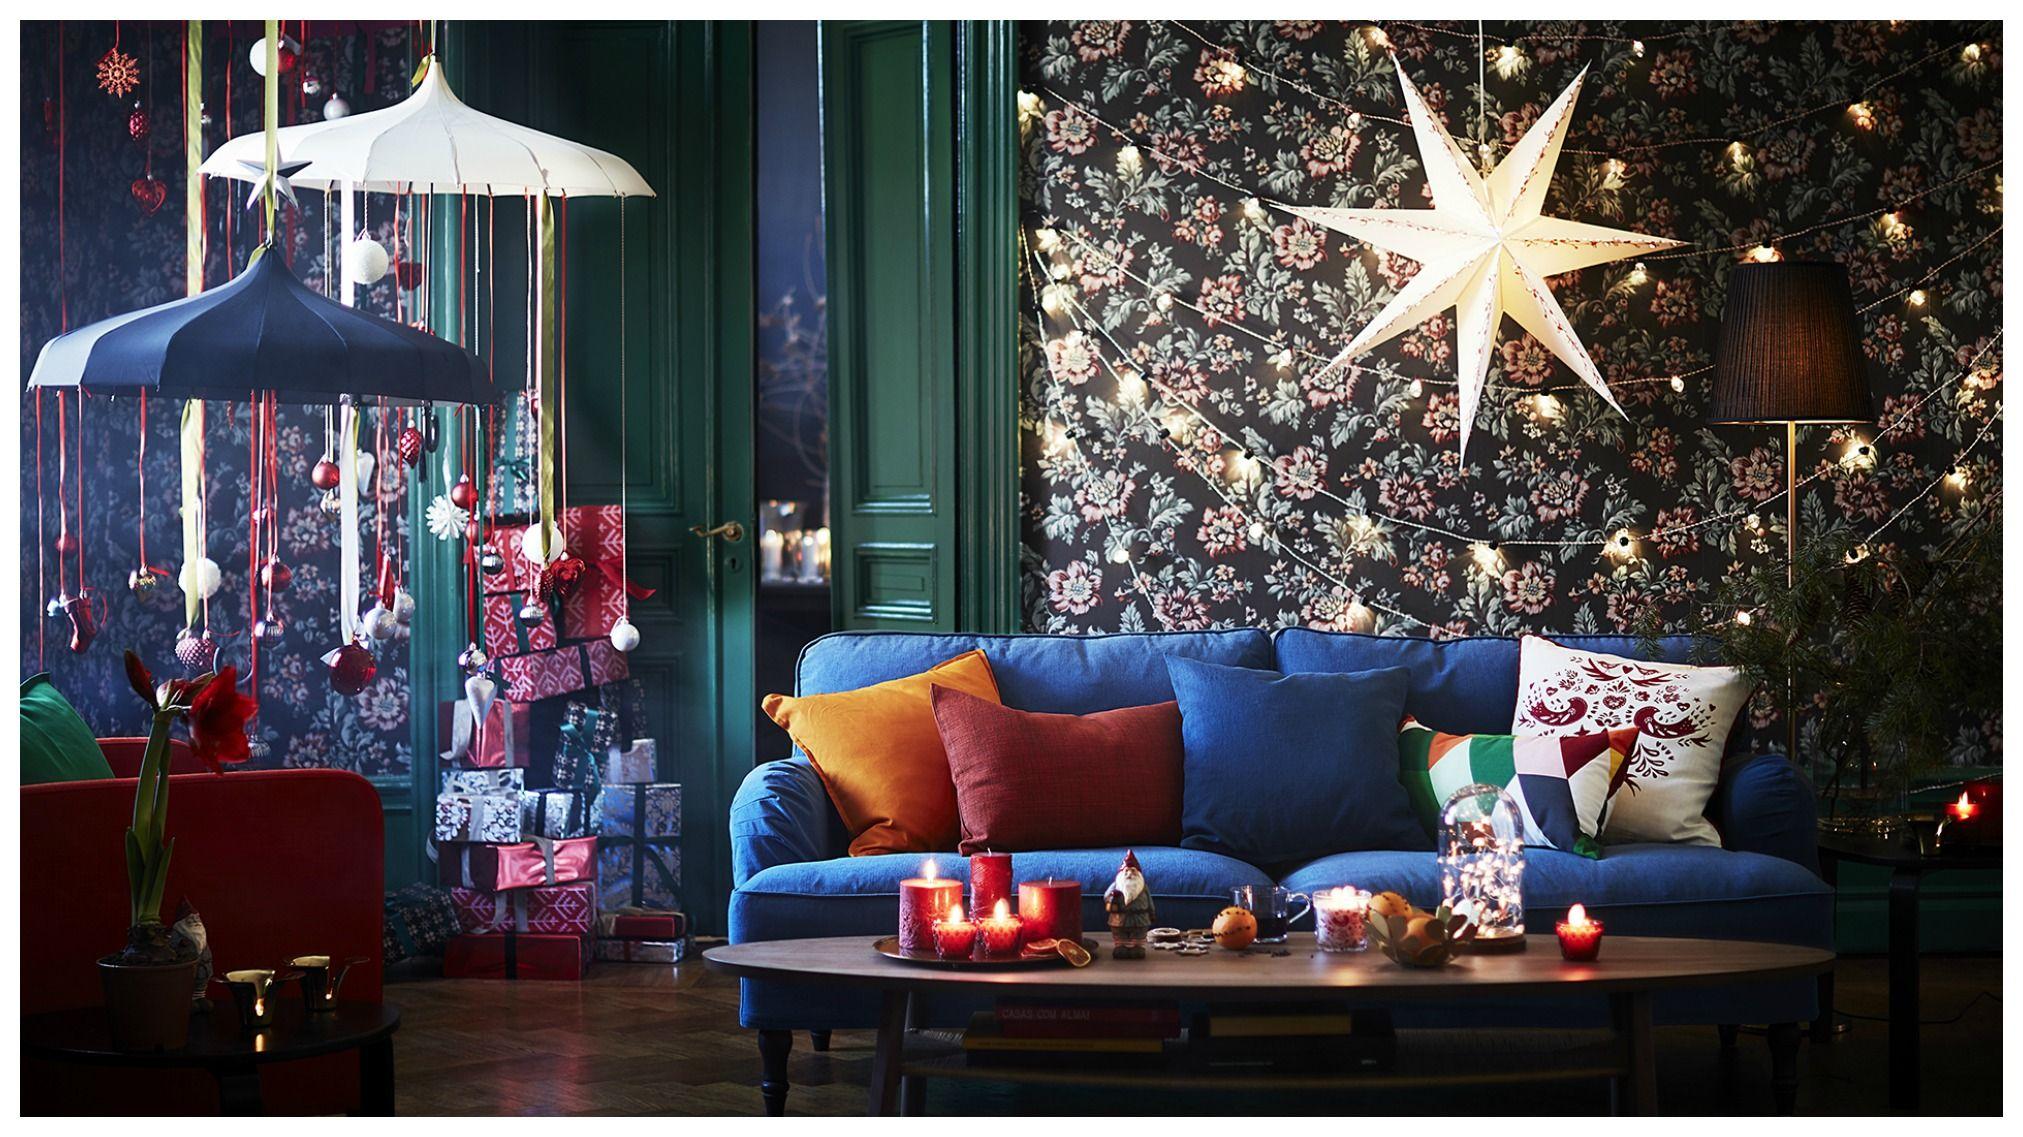 Le collezioni Ikea per il Natale 2016